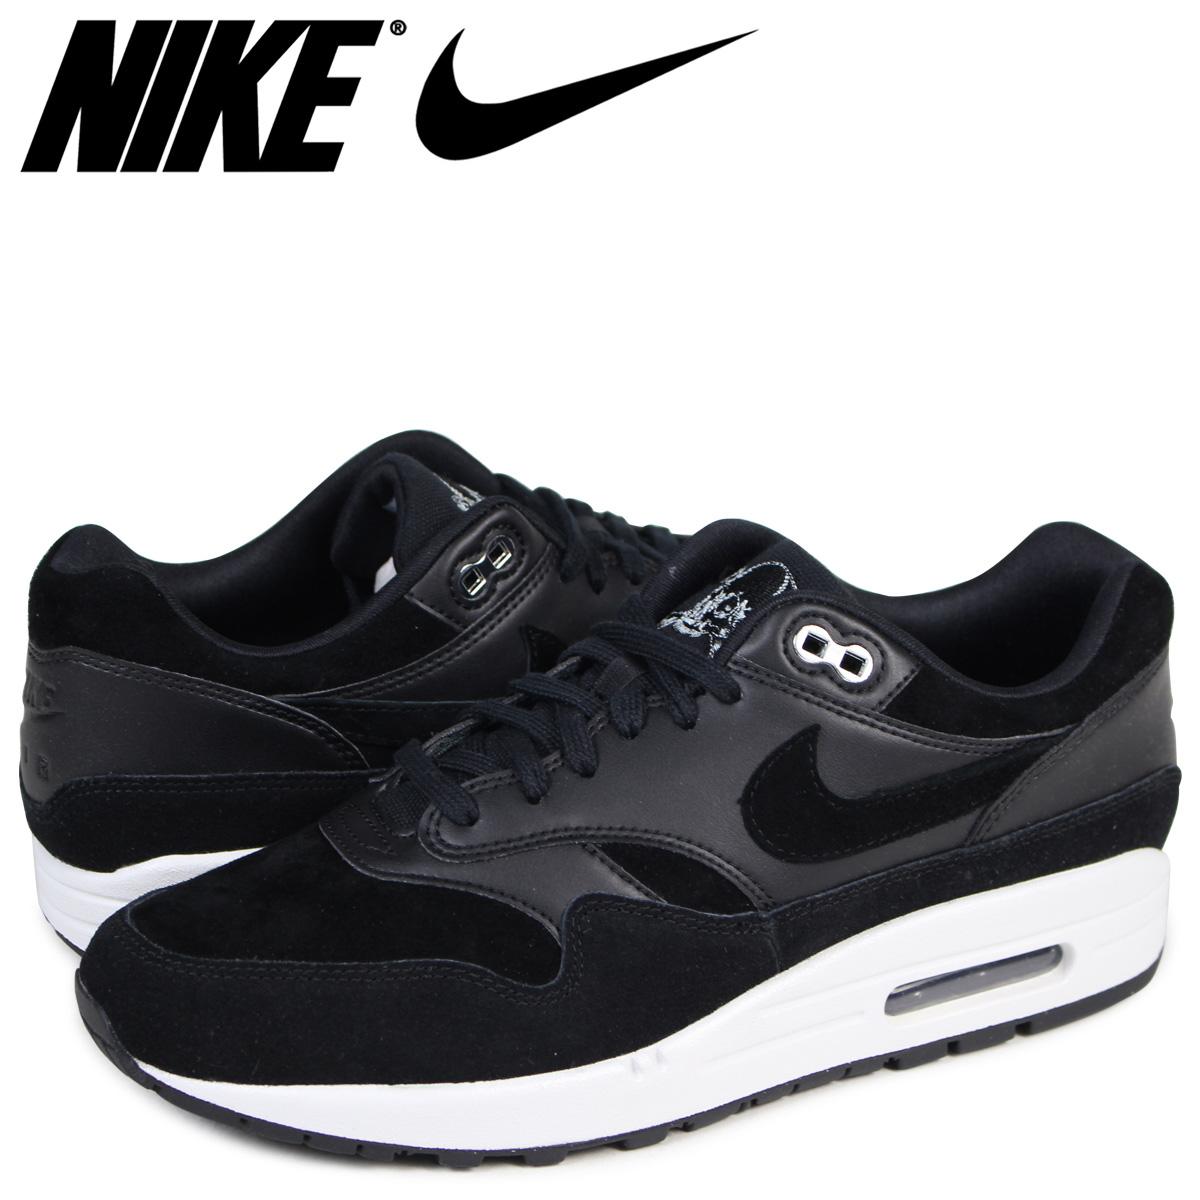 5e372f7981372 Nike NIKE Air Max 1 premium sneakers AIR MAX 1 PRMEIUM 875,844-001 men's  black ...